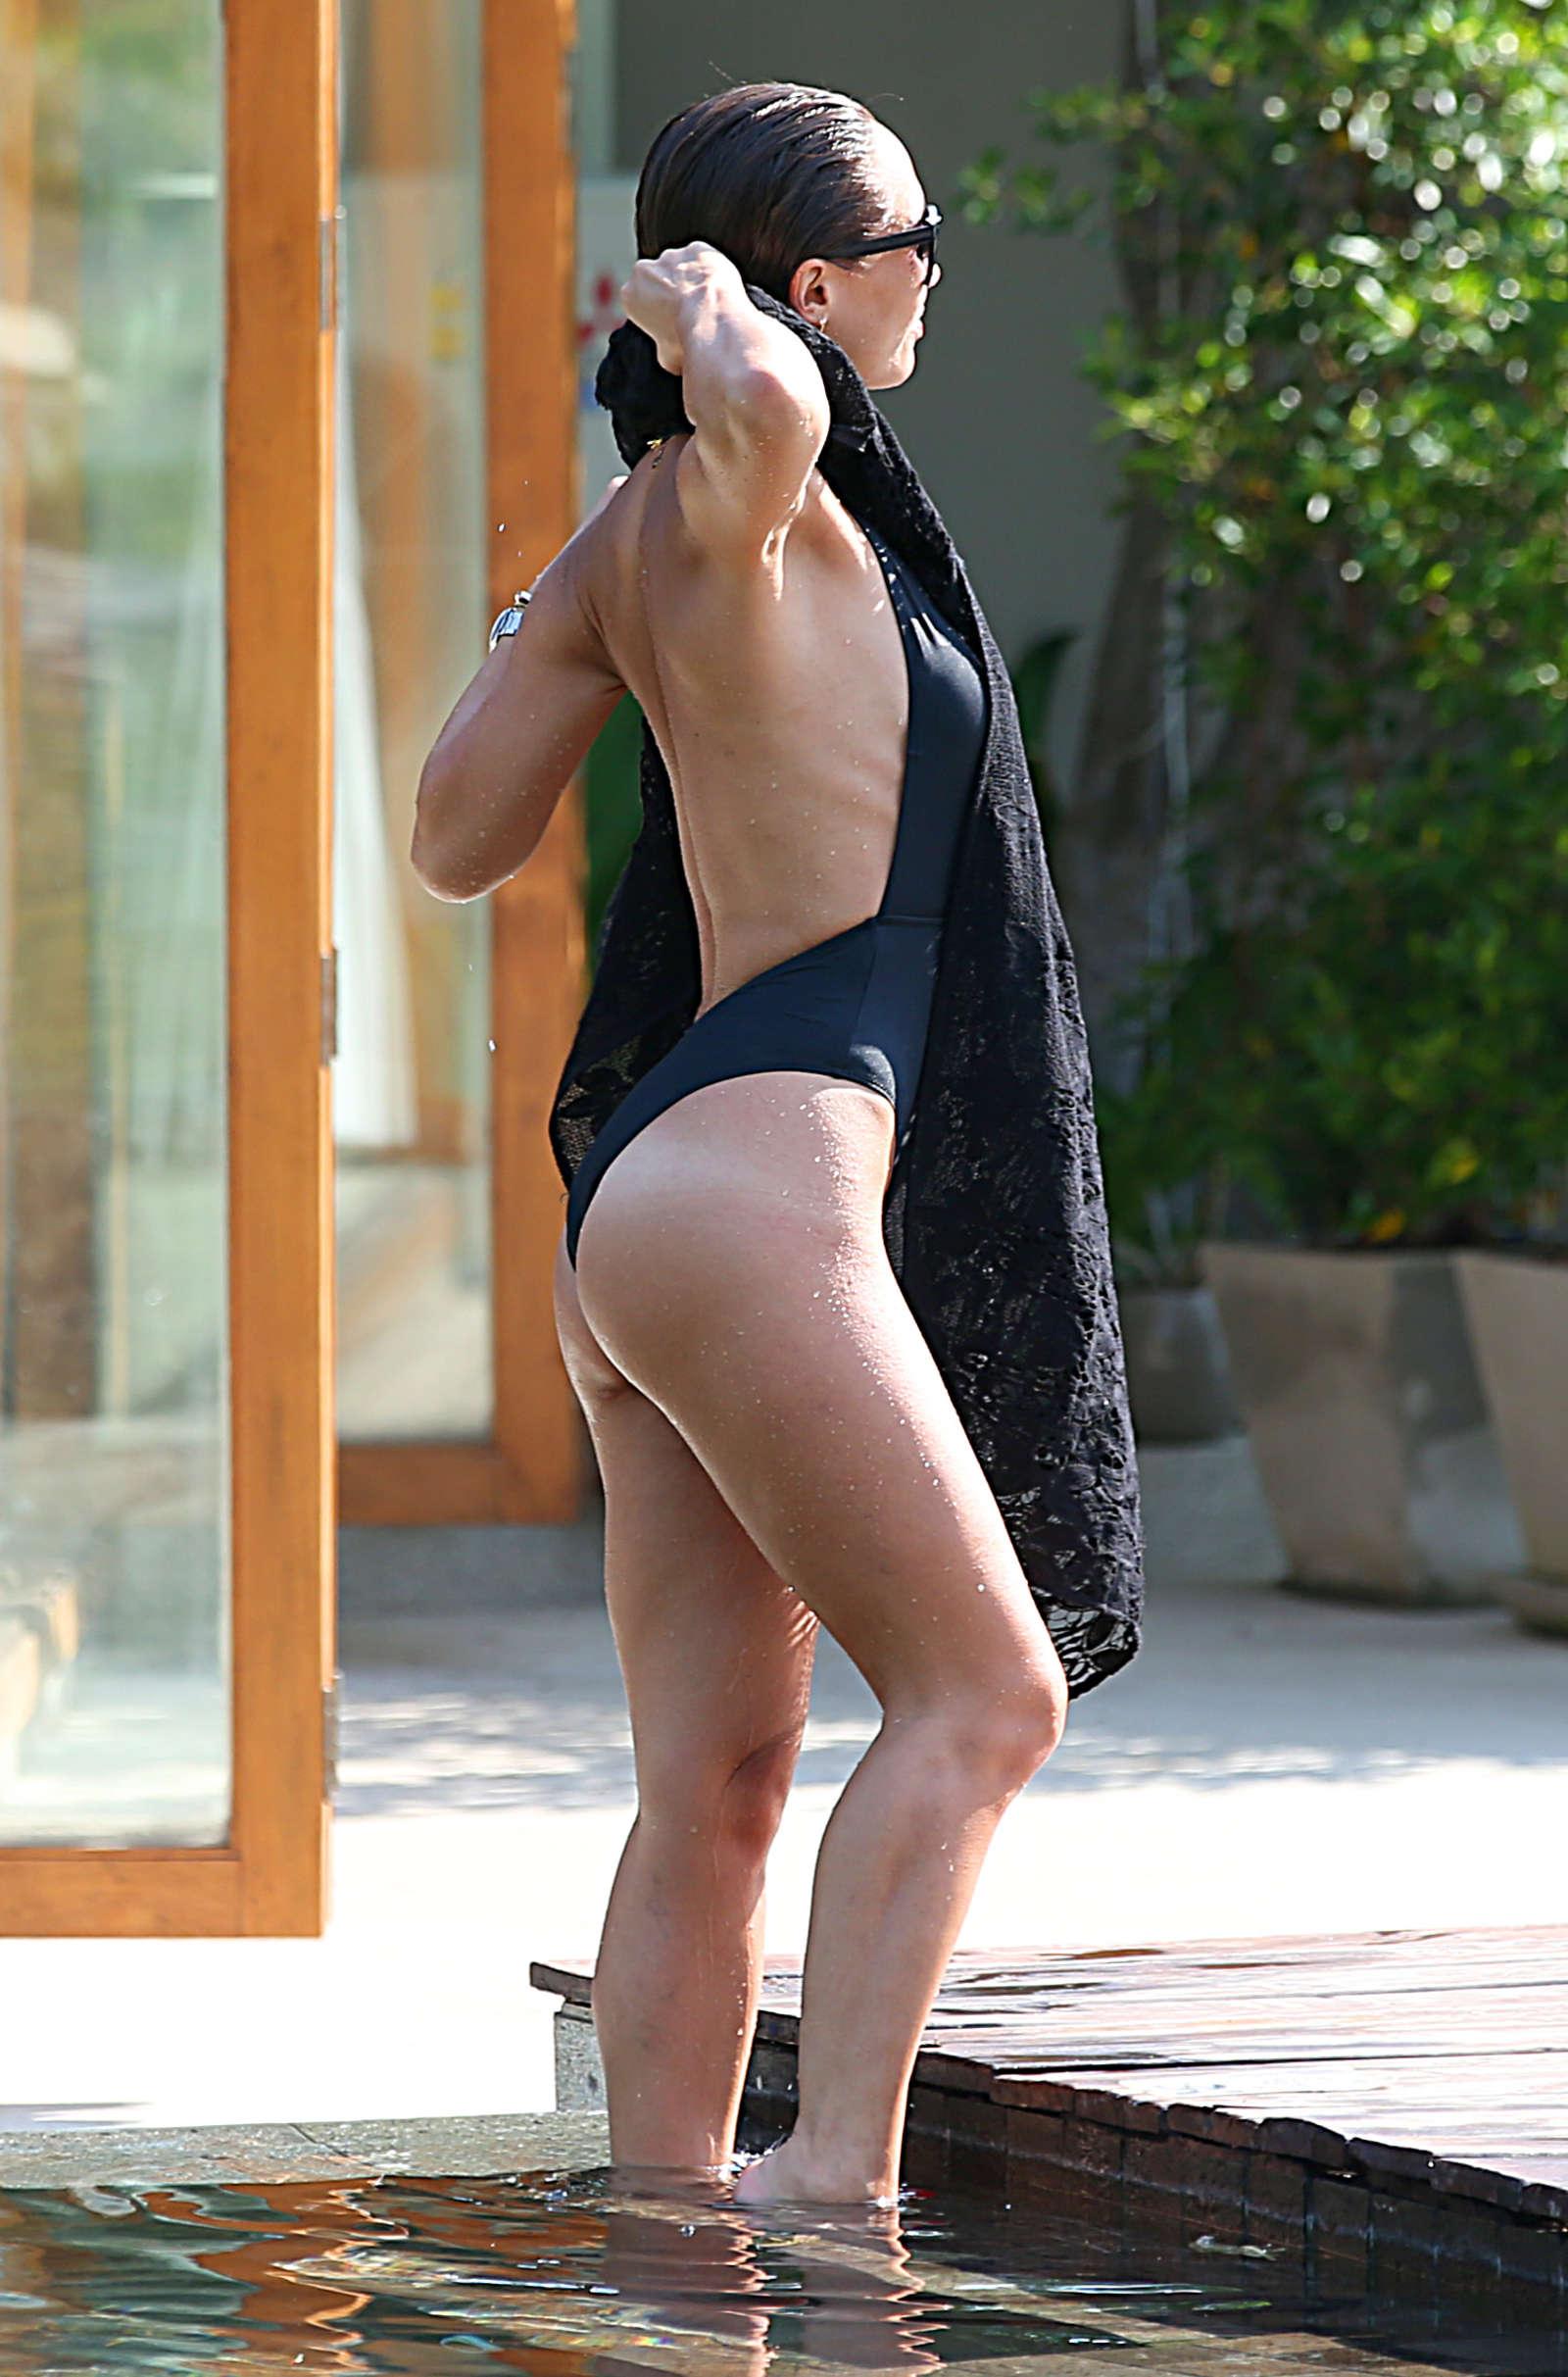 Mylene Klass in Black Swimsuit -34